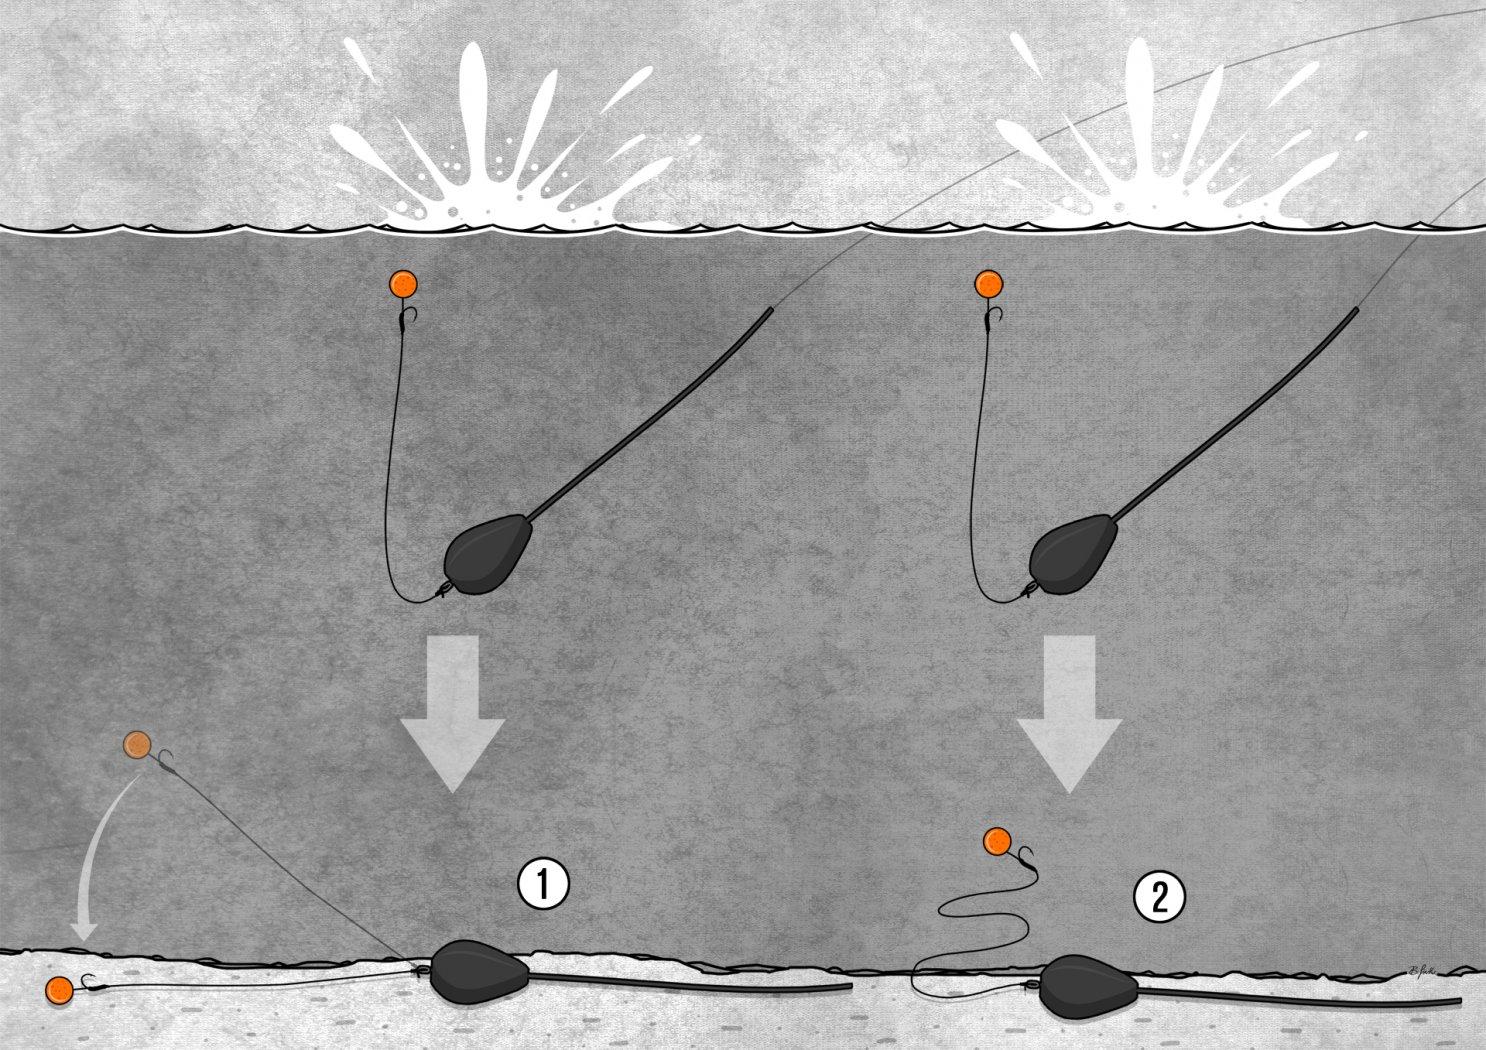 Weiches und steifes Vorfachmaterial zum Karpfenangeln im Vergleich